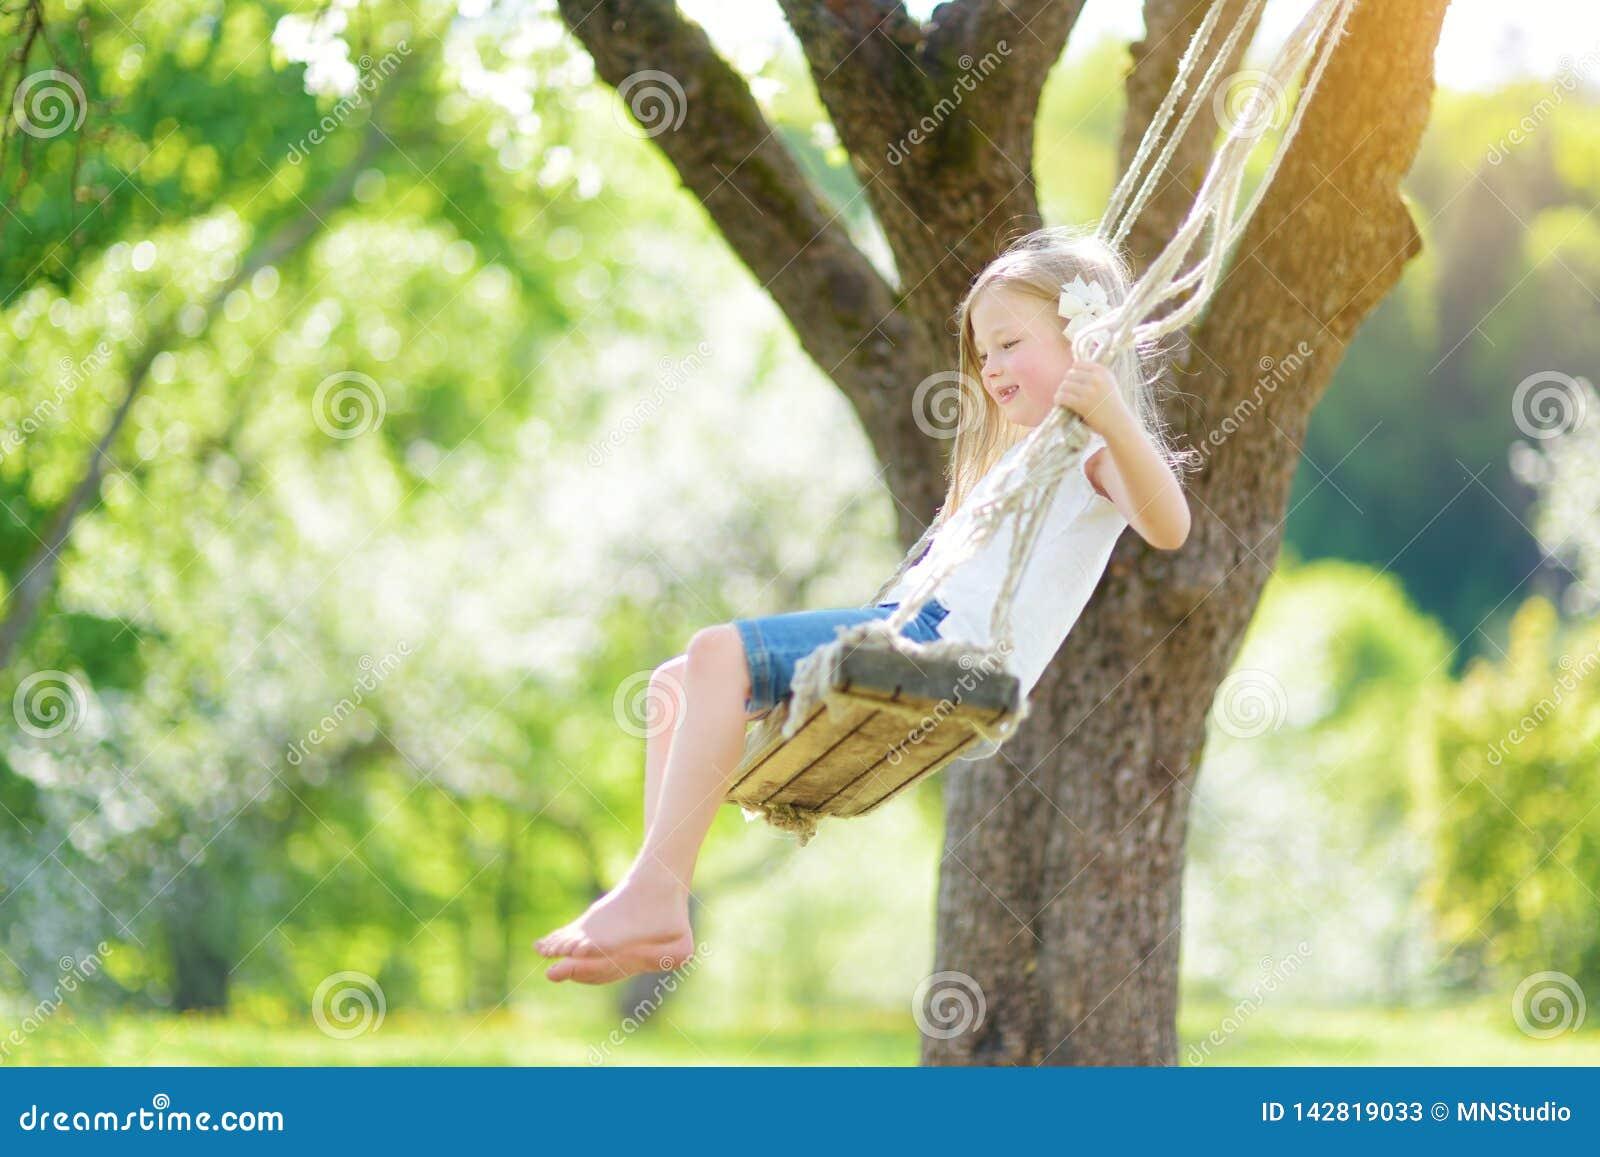 Leuk meisje die pret op een schommeling in de tot bloei komende oude tuin van de appelboom in openlucht op zonnige de lentedag he